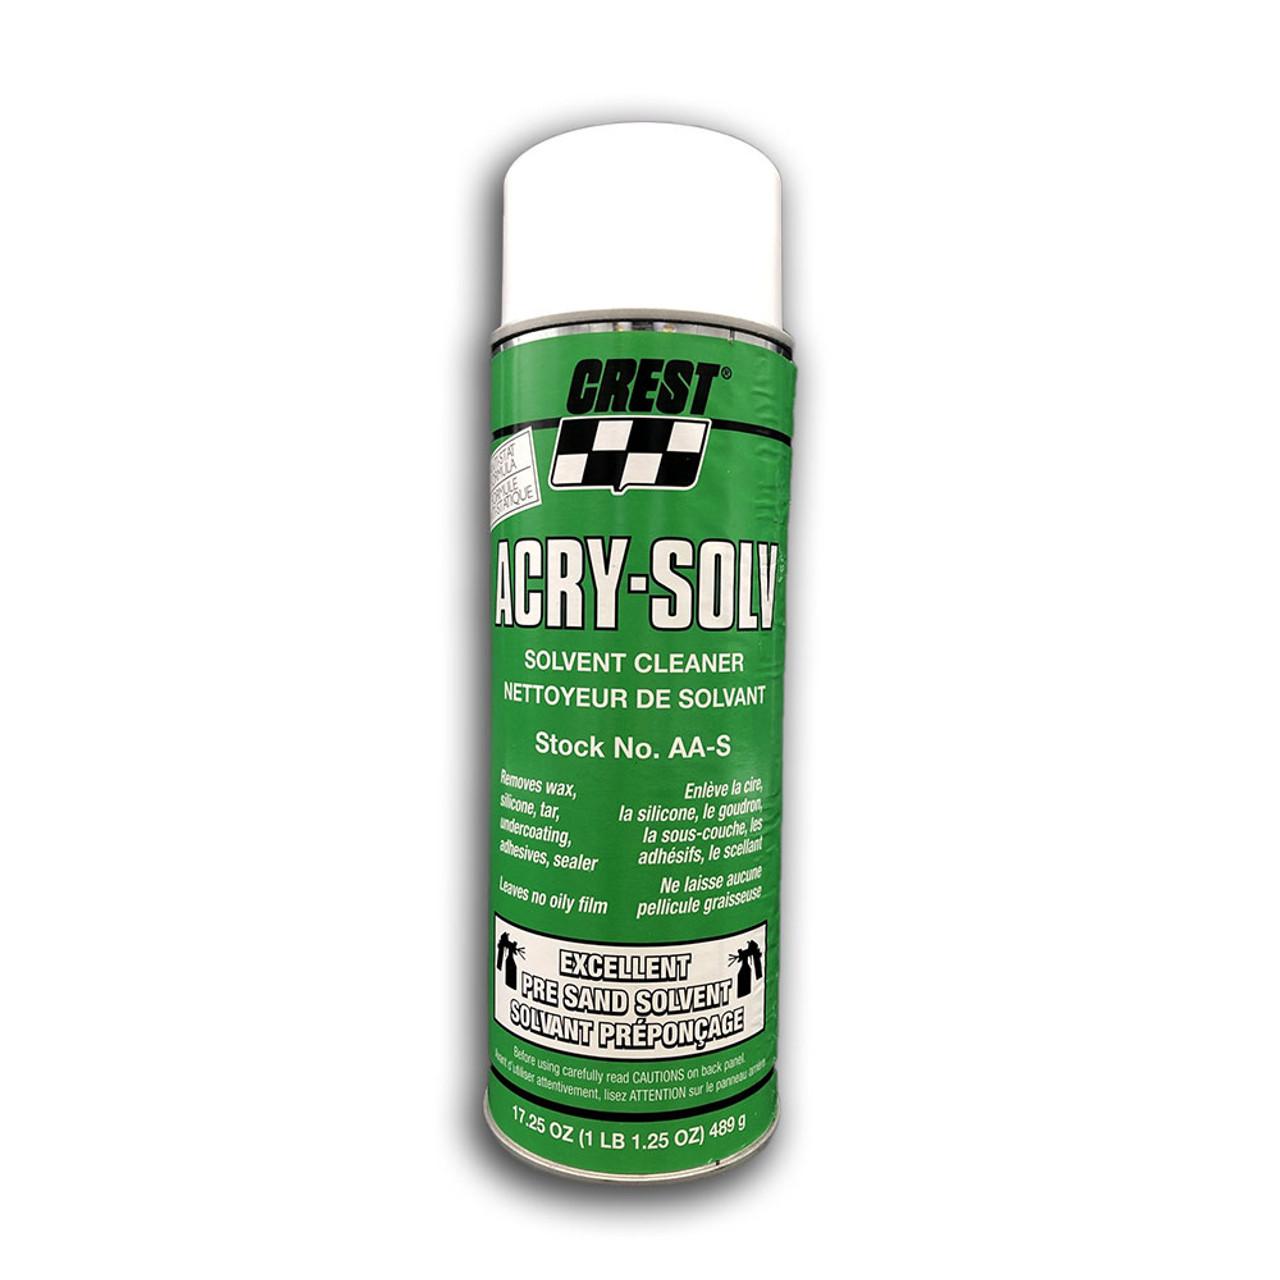 Acry-Solv (AAS)